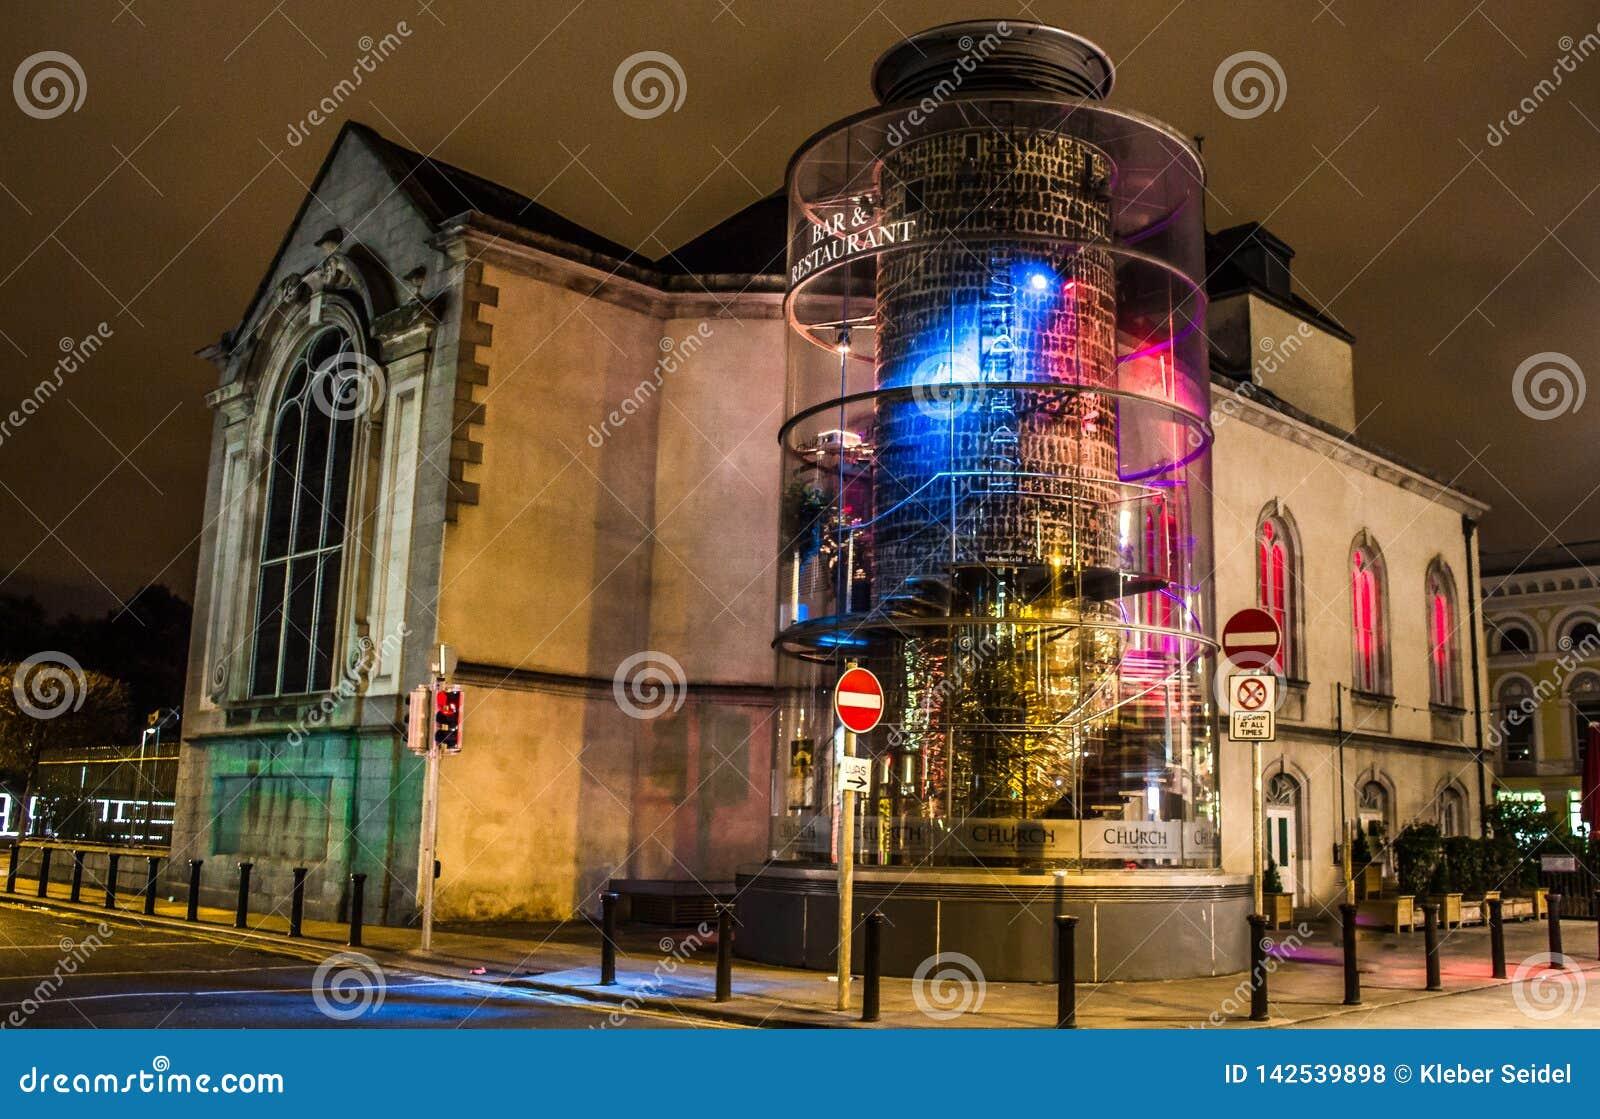 DUBLÍN, IRLANDA - 17 DE FEBRERO DE 2017: La barra y el restaurante de Chuch en la noche Localizado en el corazón de Dublín